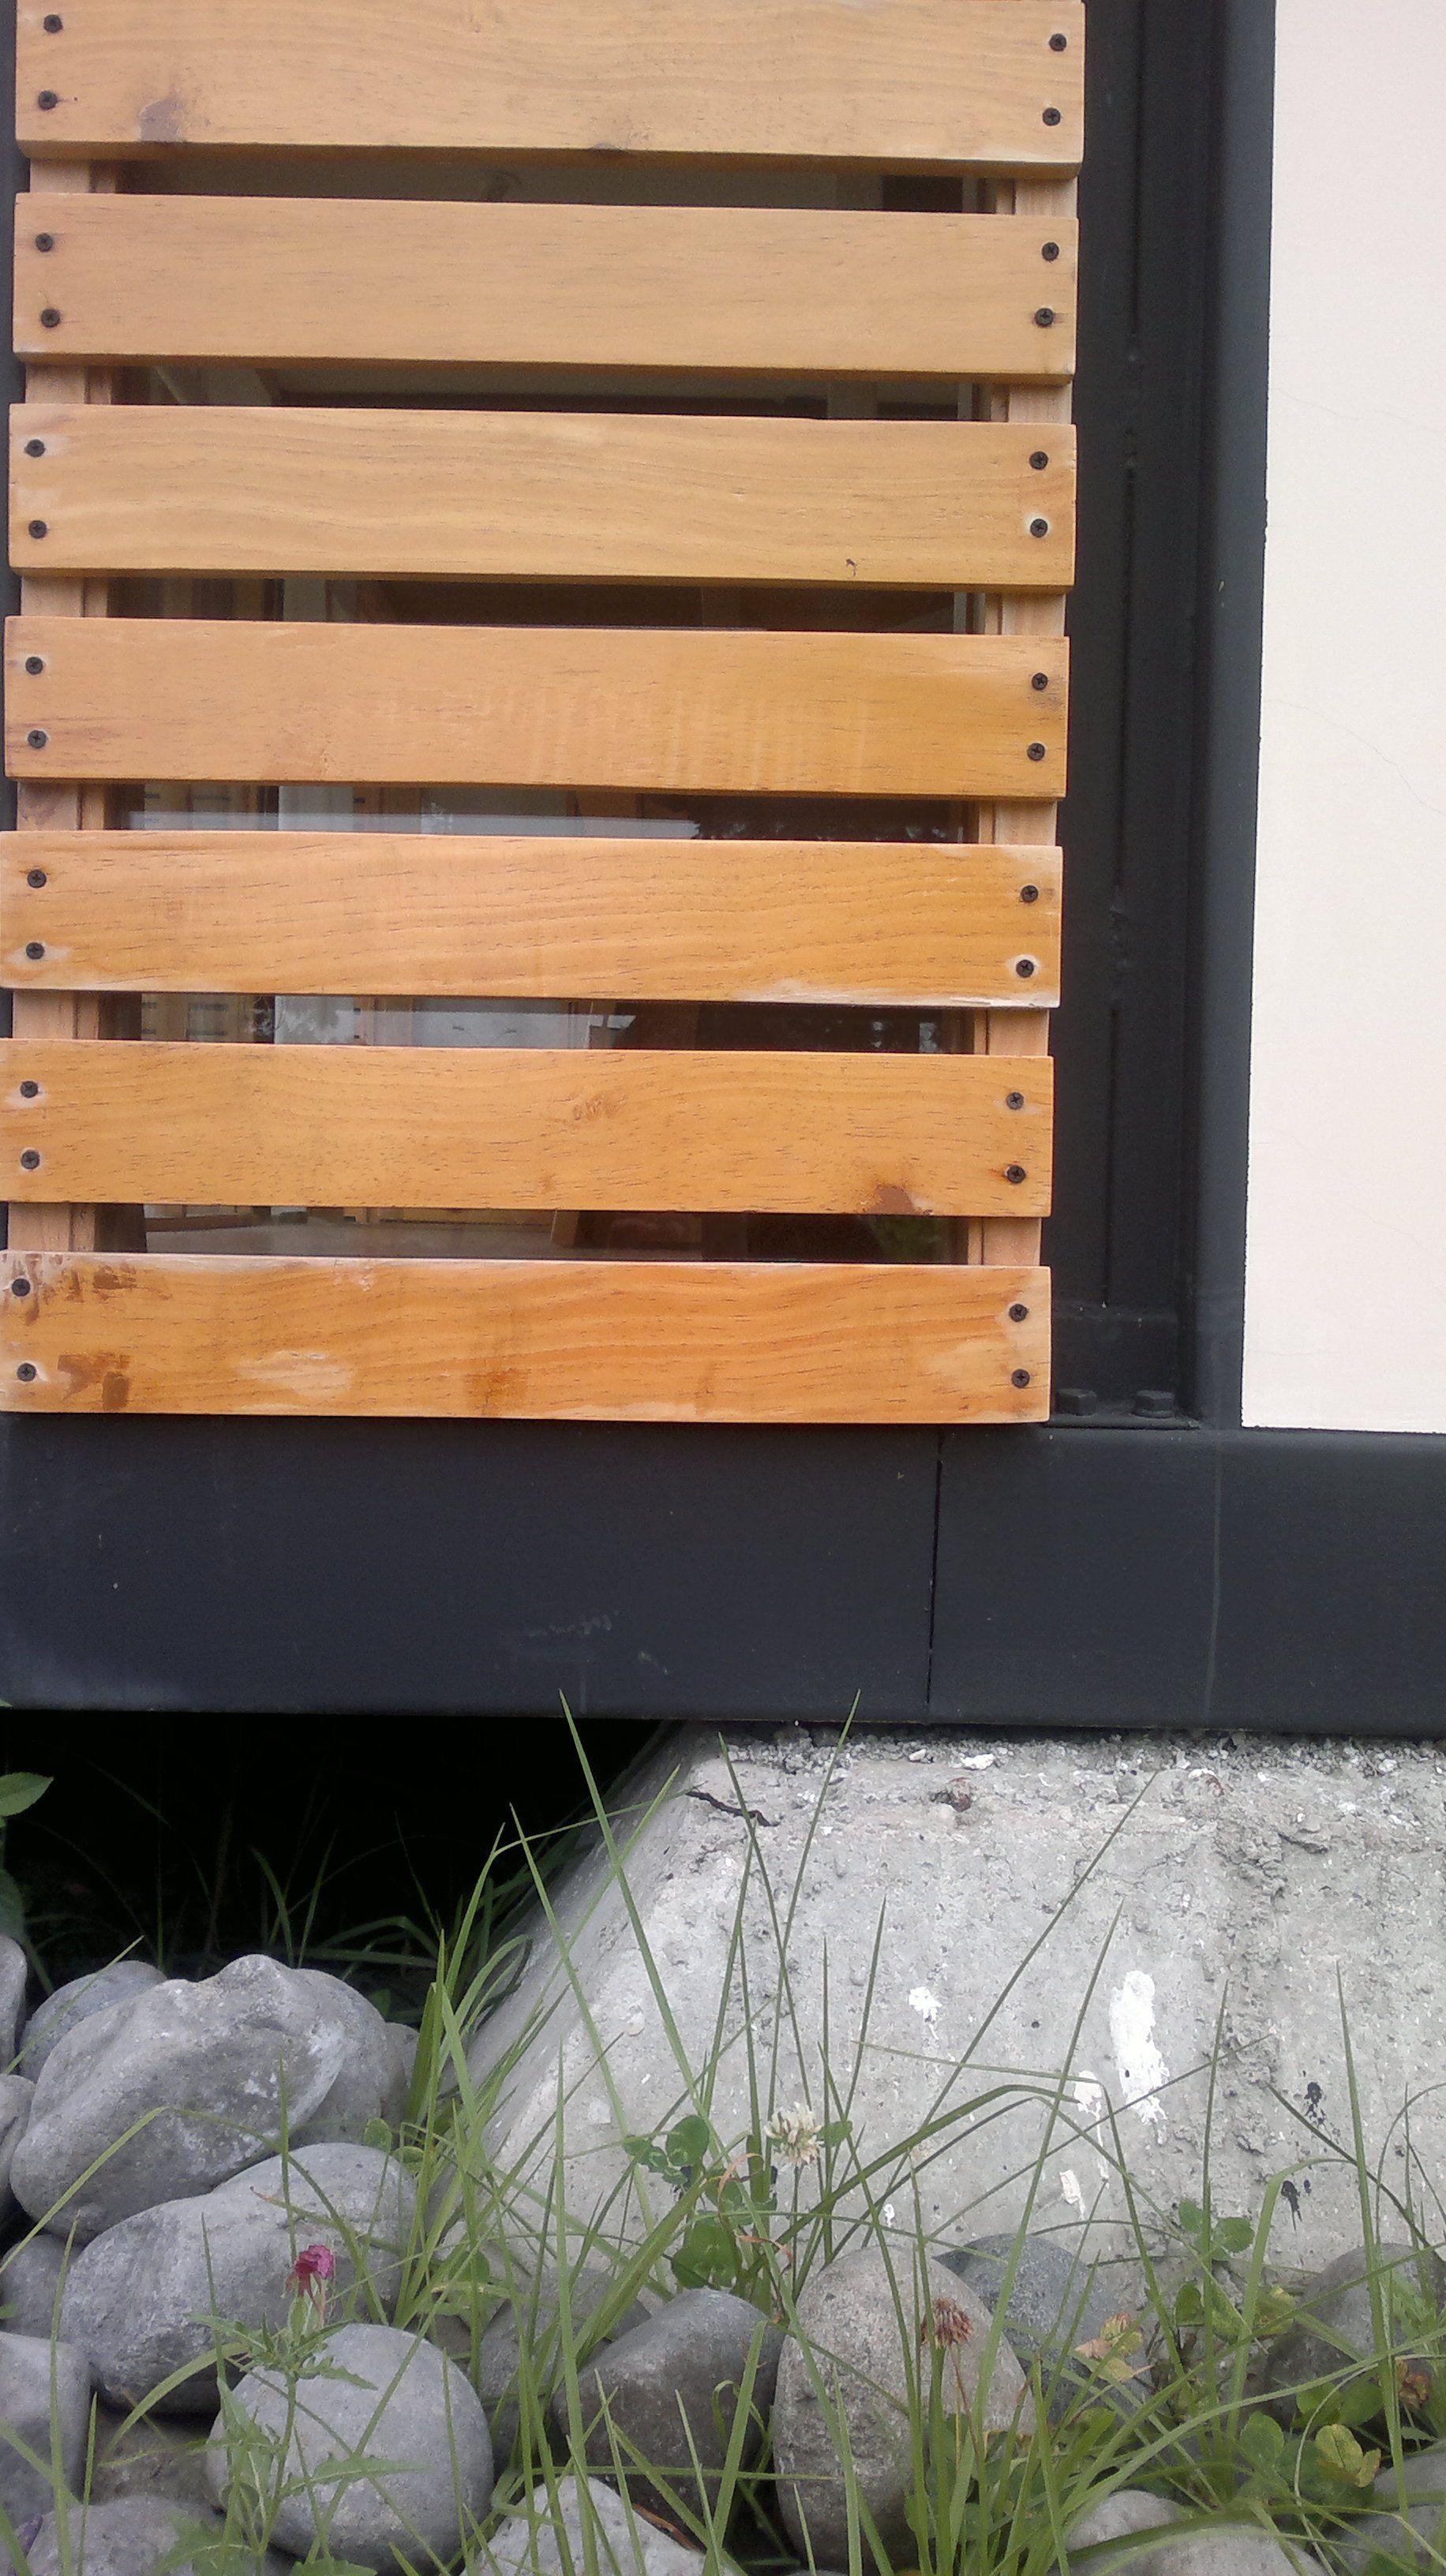 Detalle ciimientos viga de piso panelado madera y paneles dura panel